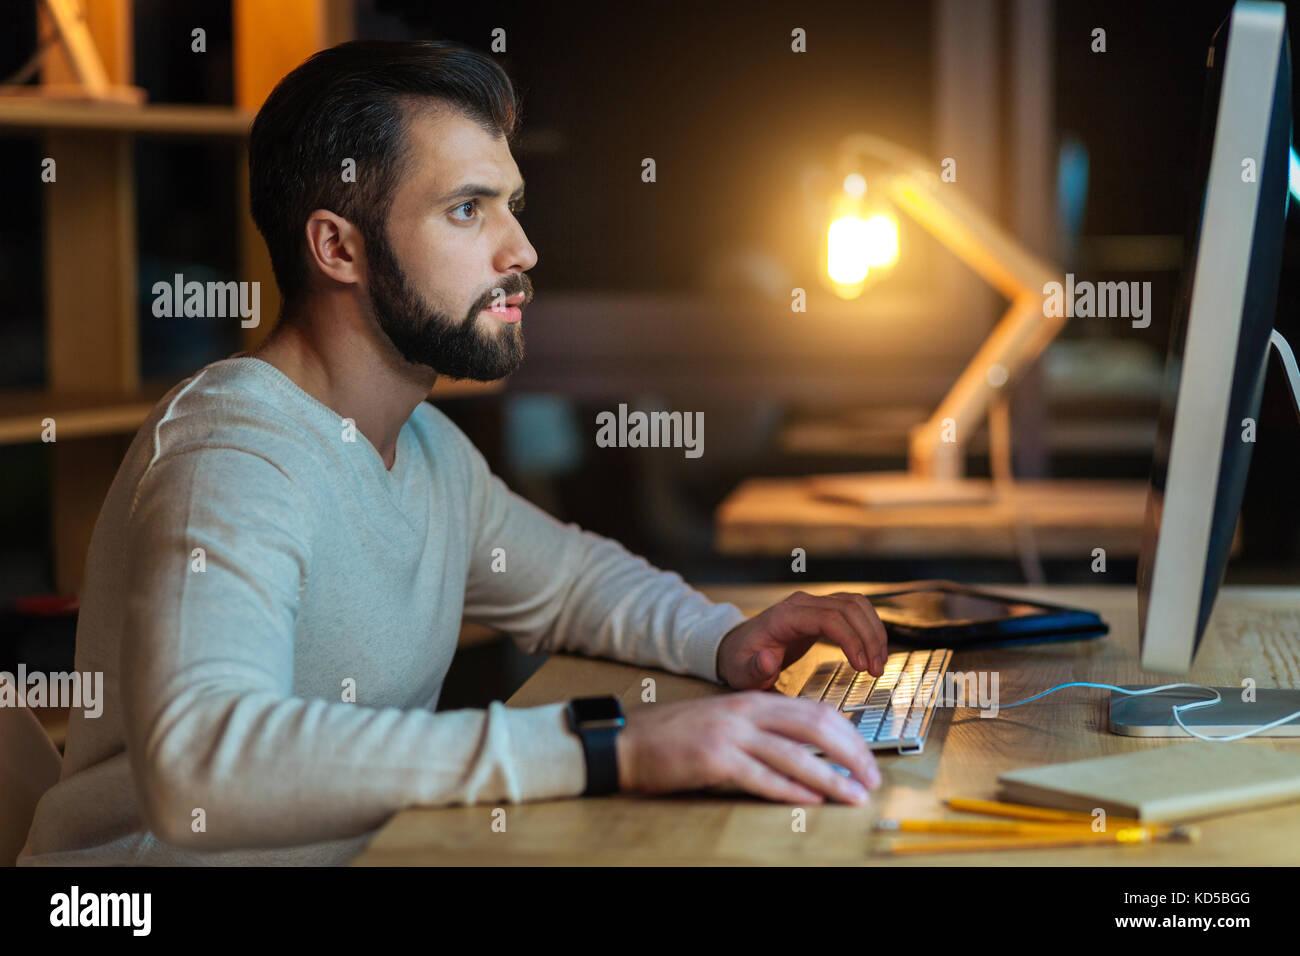 Attraktive professionelle Arbeiter, der seine Arbeit erledigt Stockbild